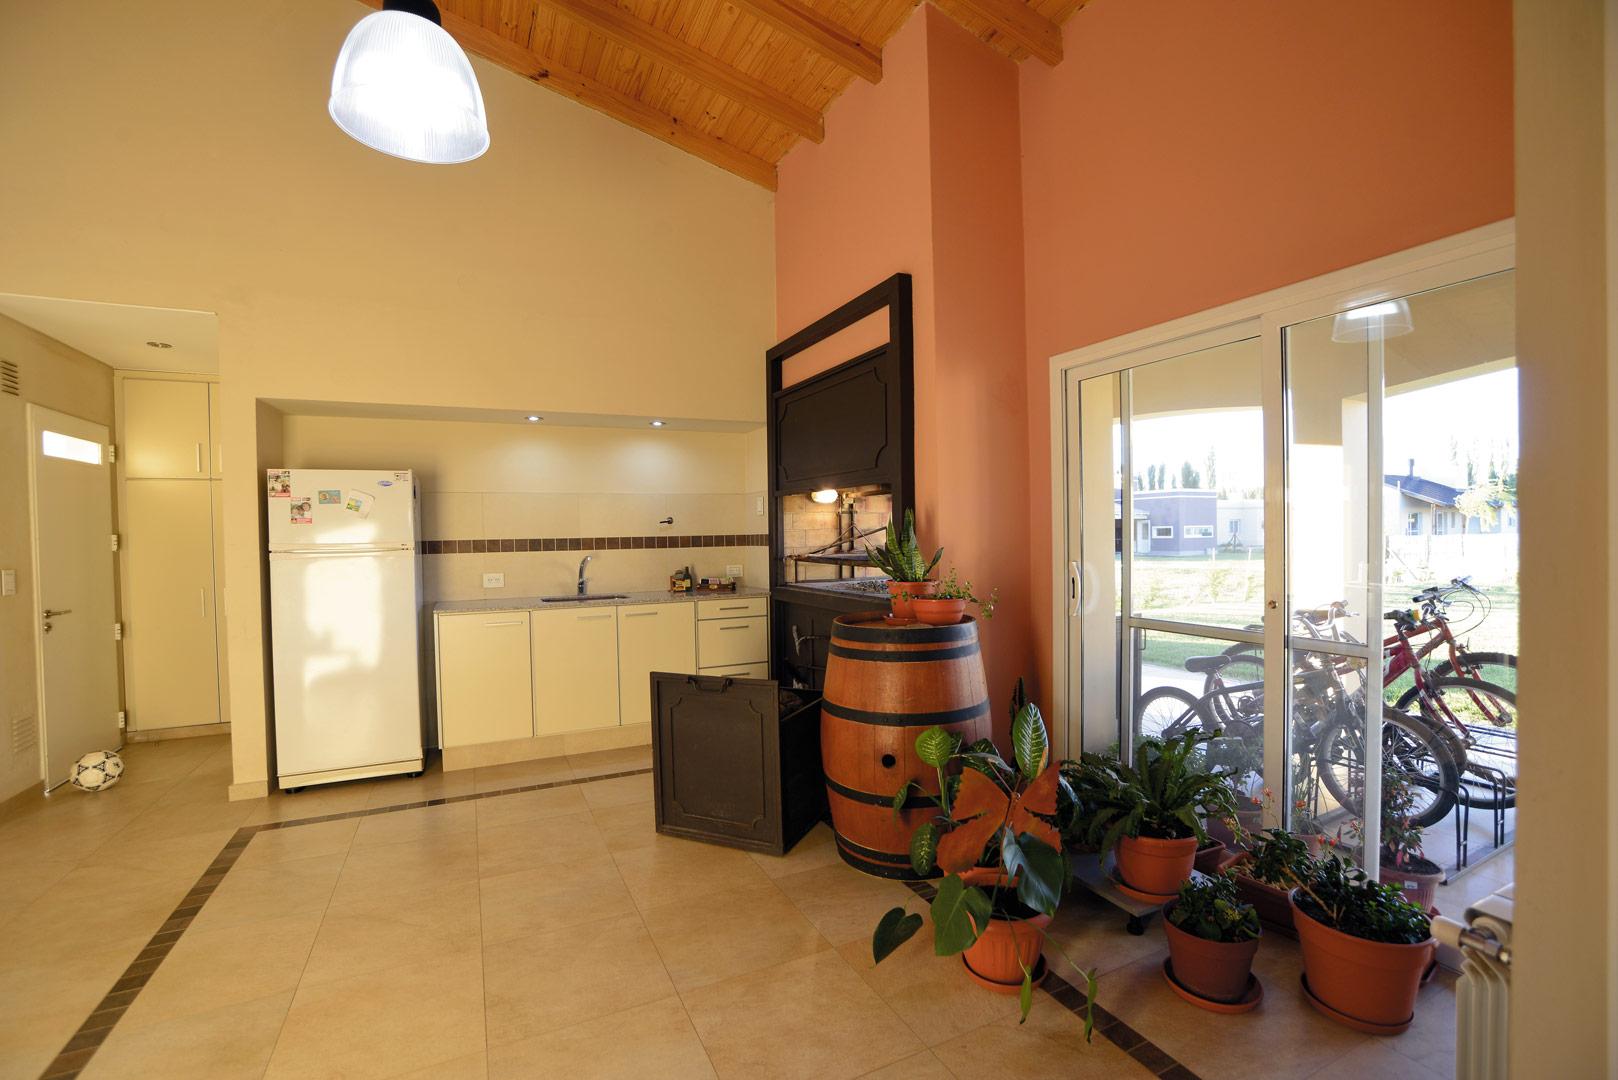 Estudio ferraris toriani casa estilo cl sica - Estudio de arquitectos ...